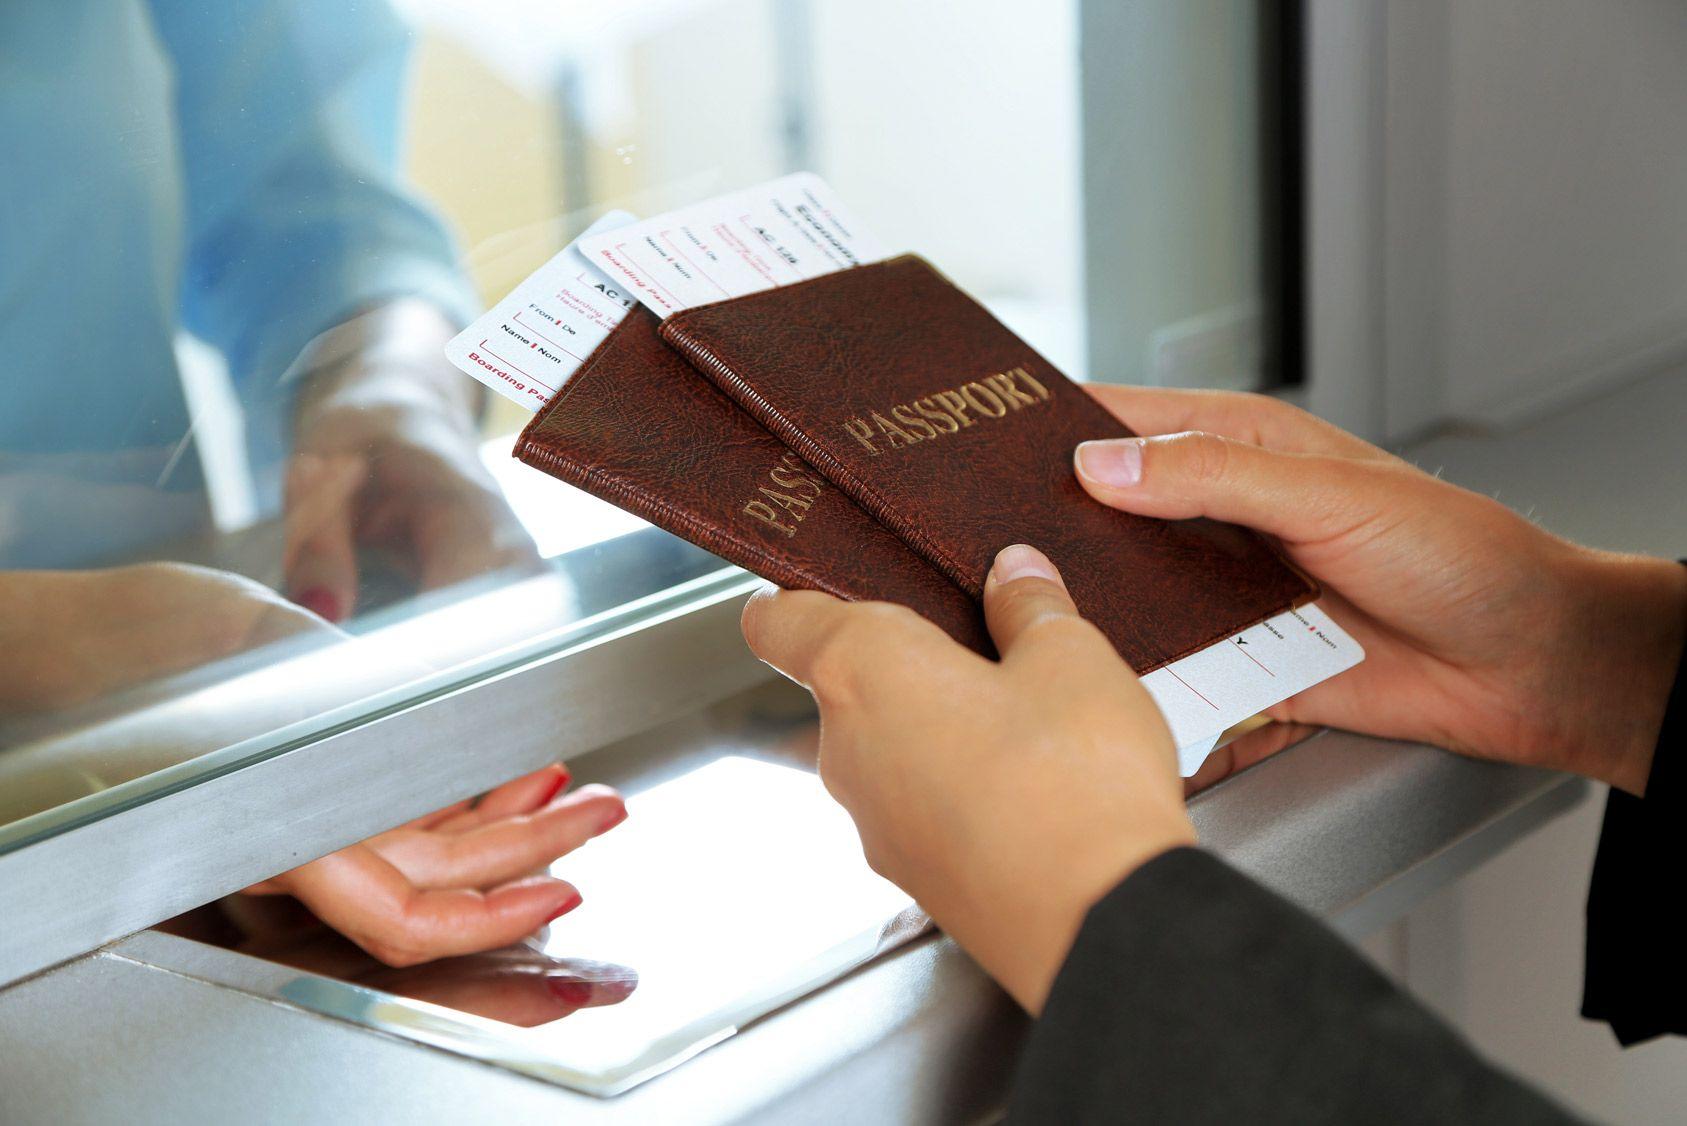 Attention, chaque parent séparé peut obtenir un passeport pour son enfant